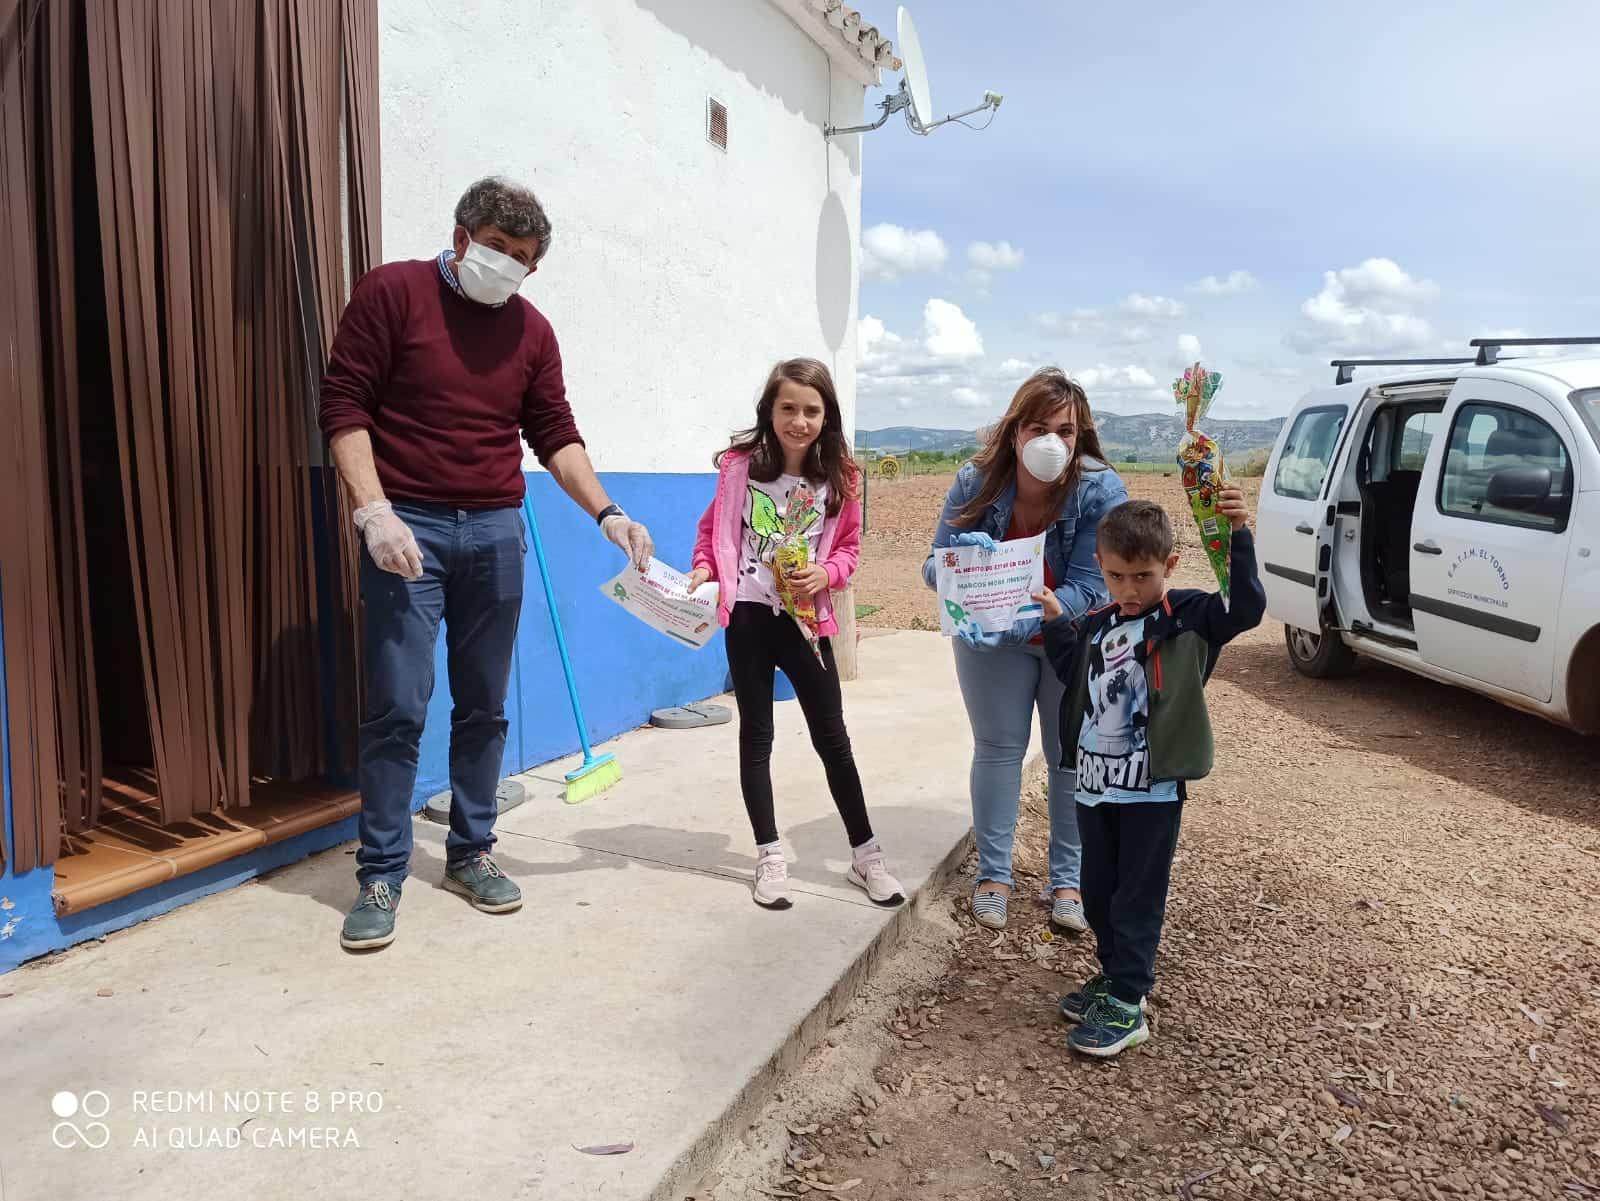 El alcalde de El Torno agradece a los niños su colaboración en la lucha contra el coronavirus 10